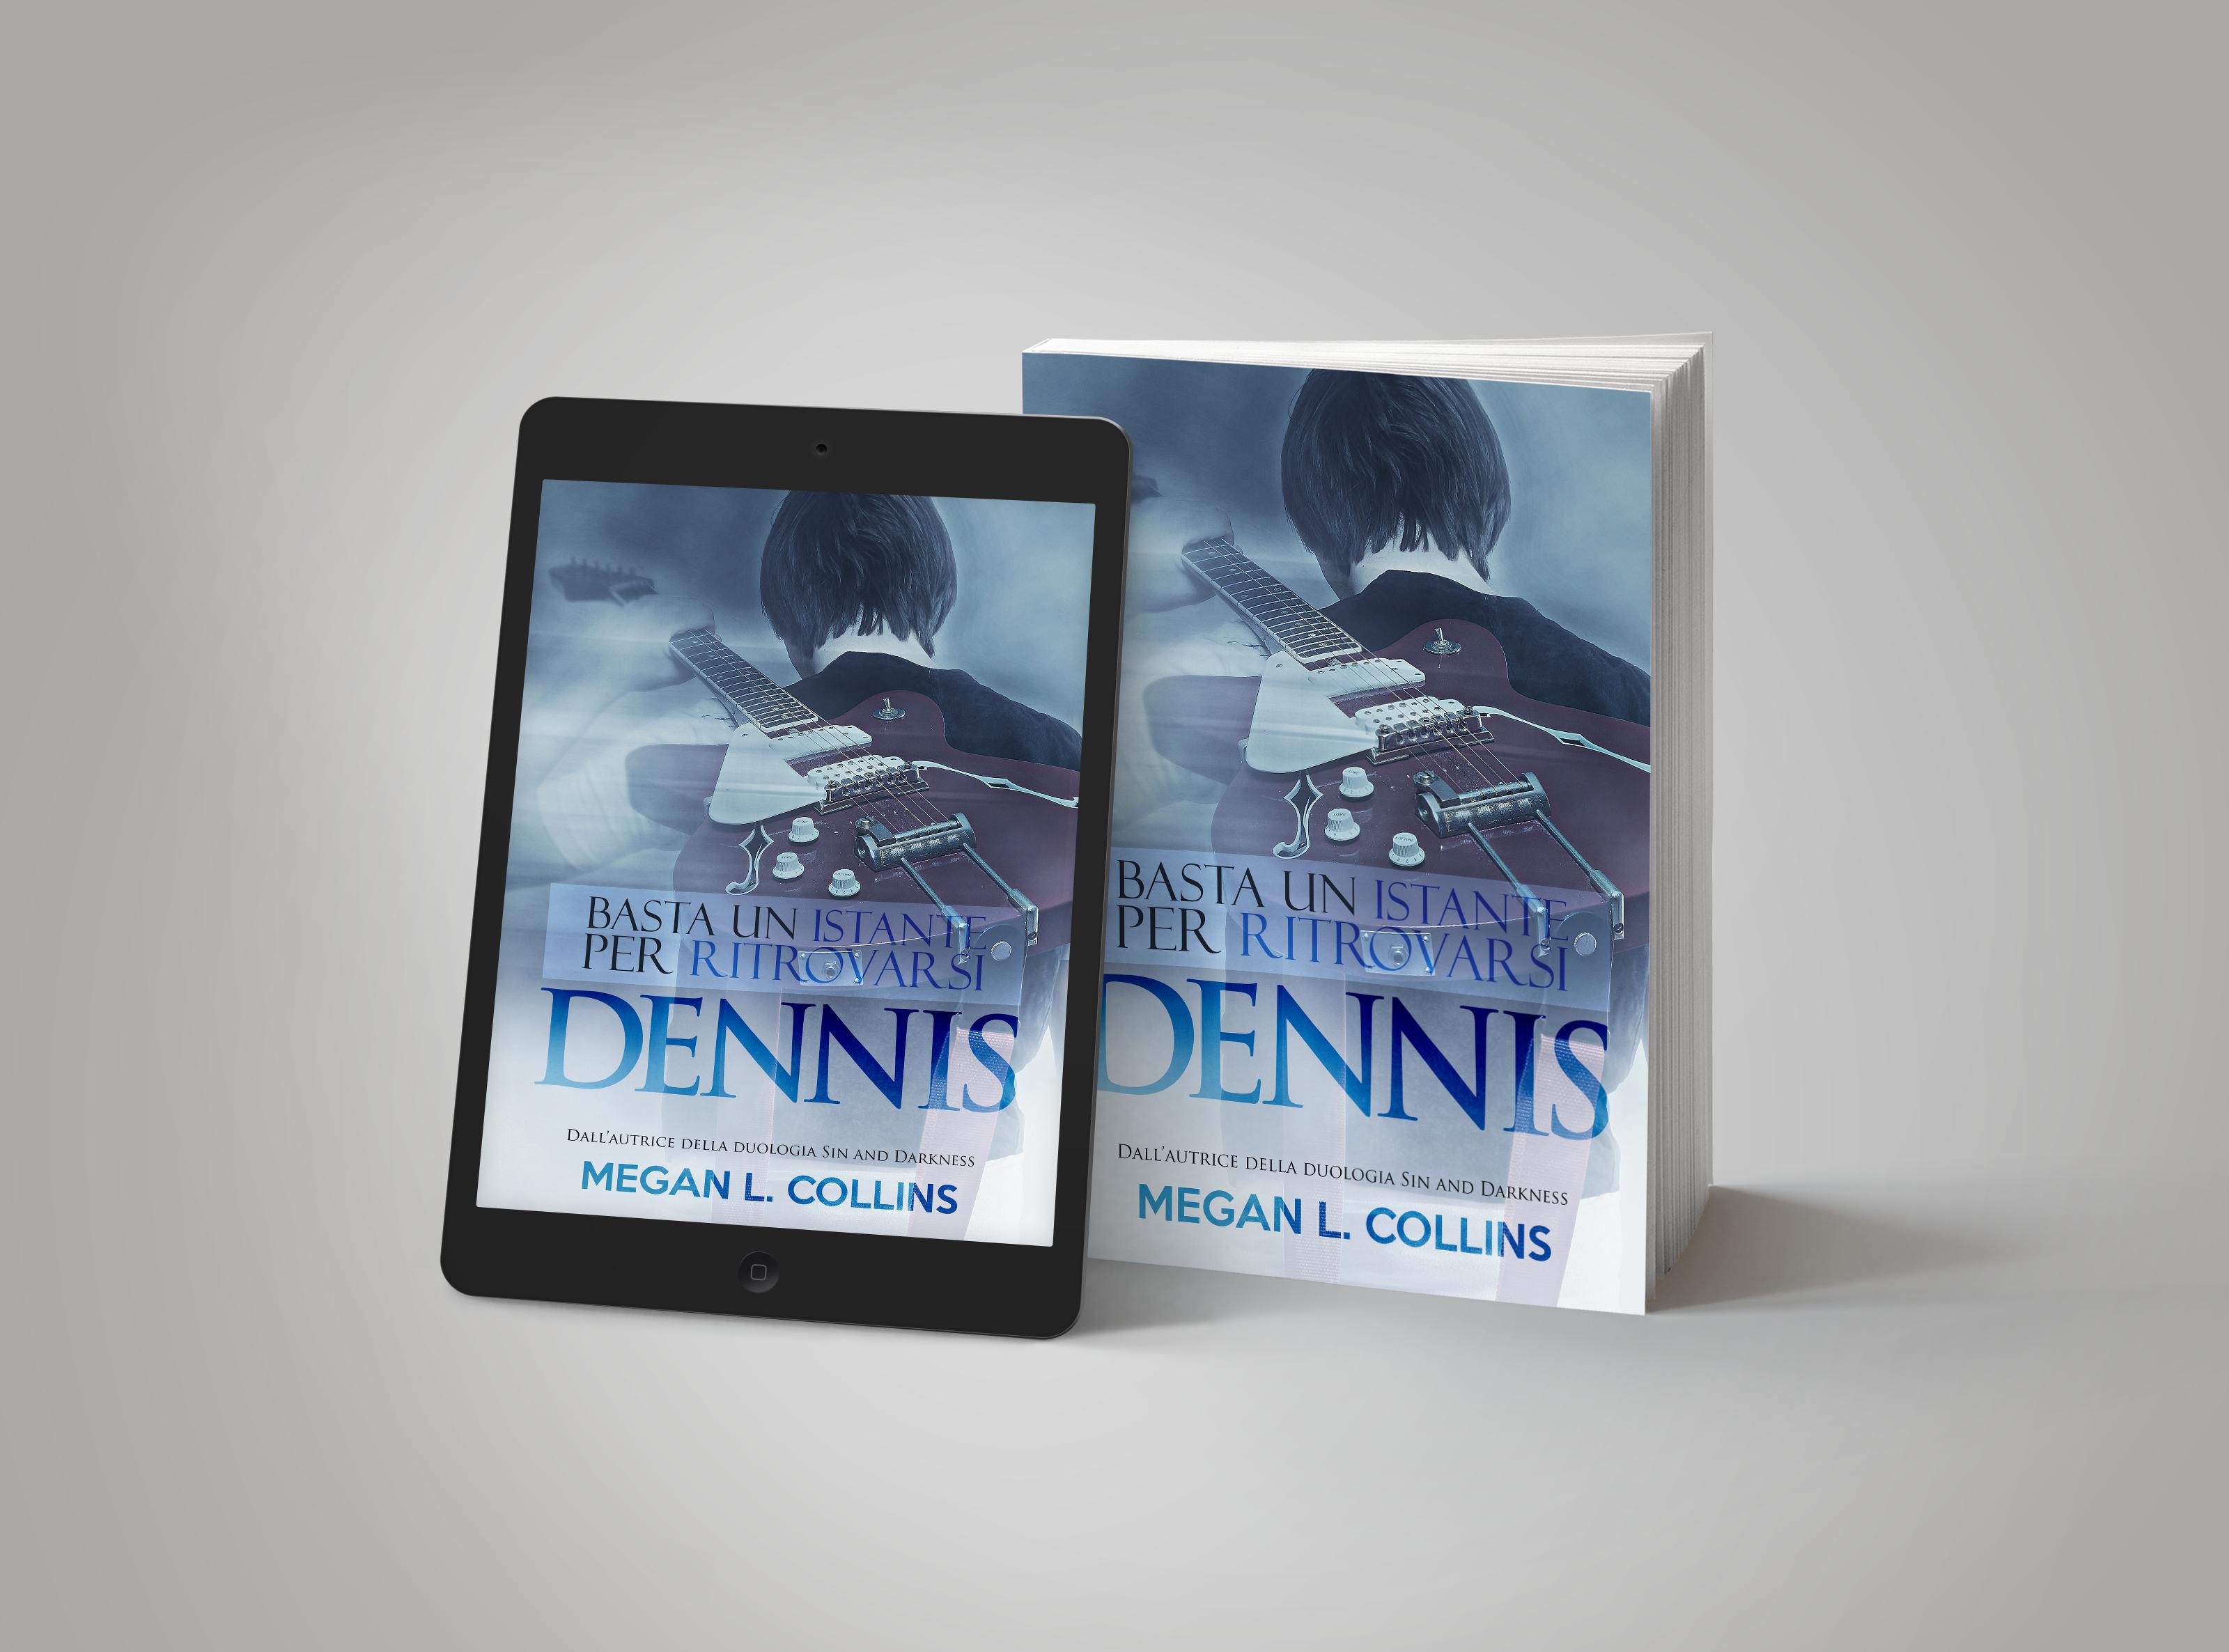 Basta un istante per ritrovarsi   Dennis di Megan L. Collins